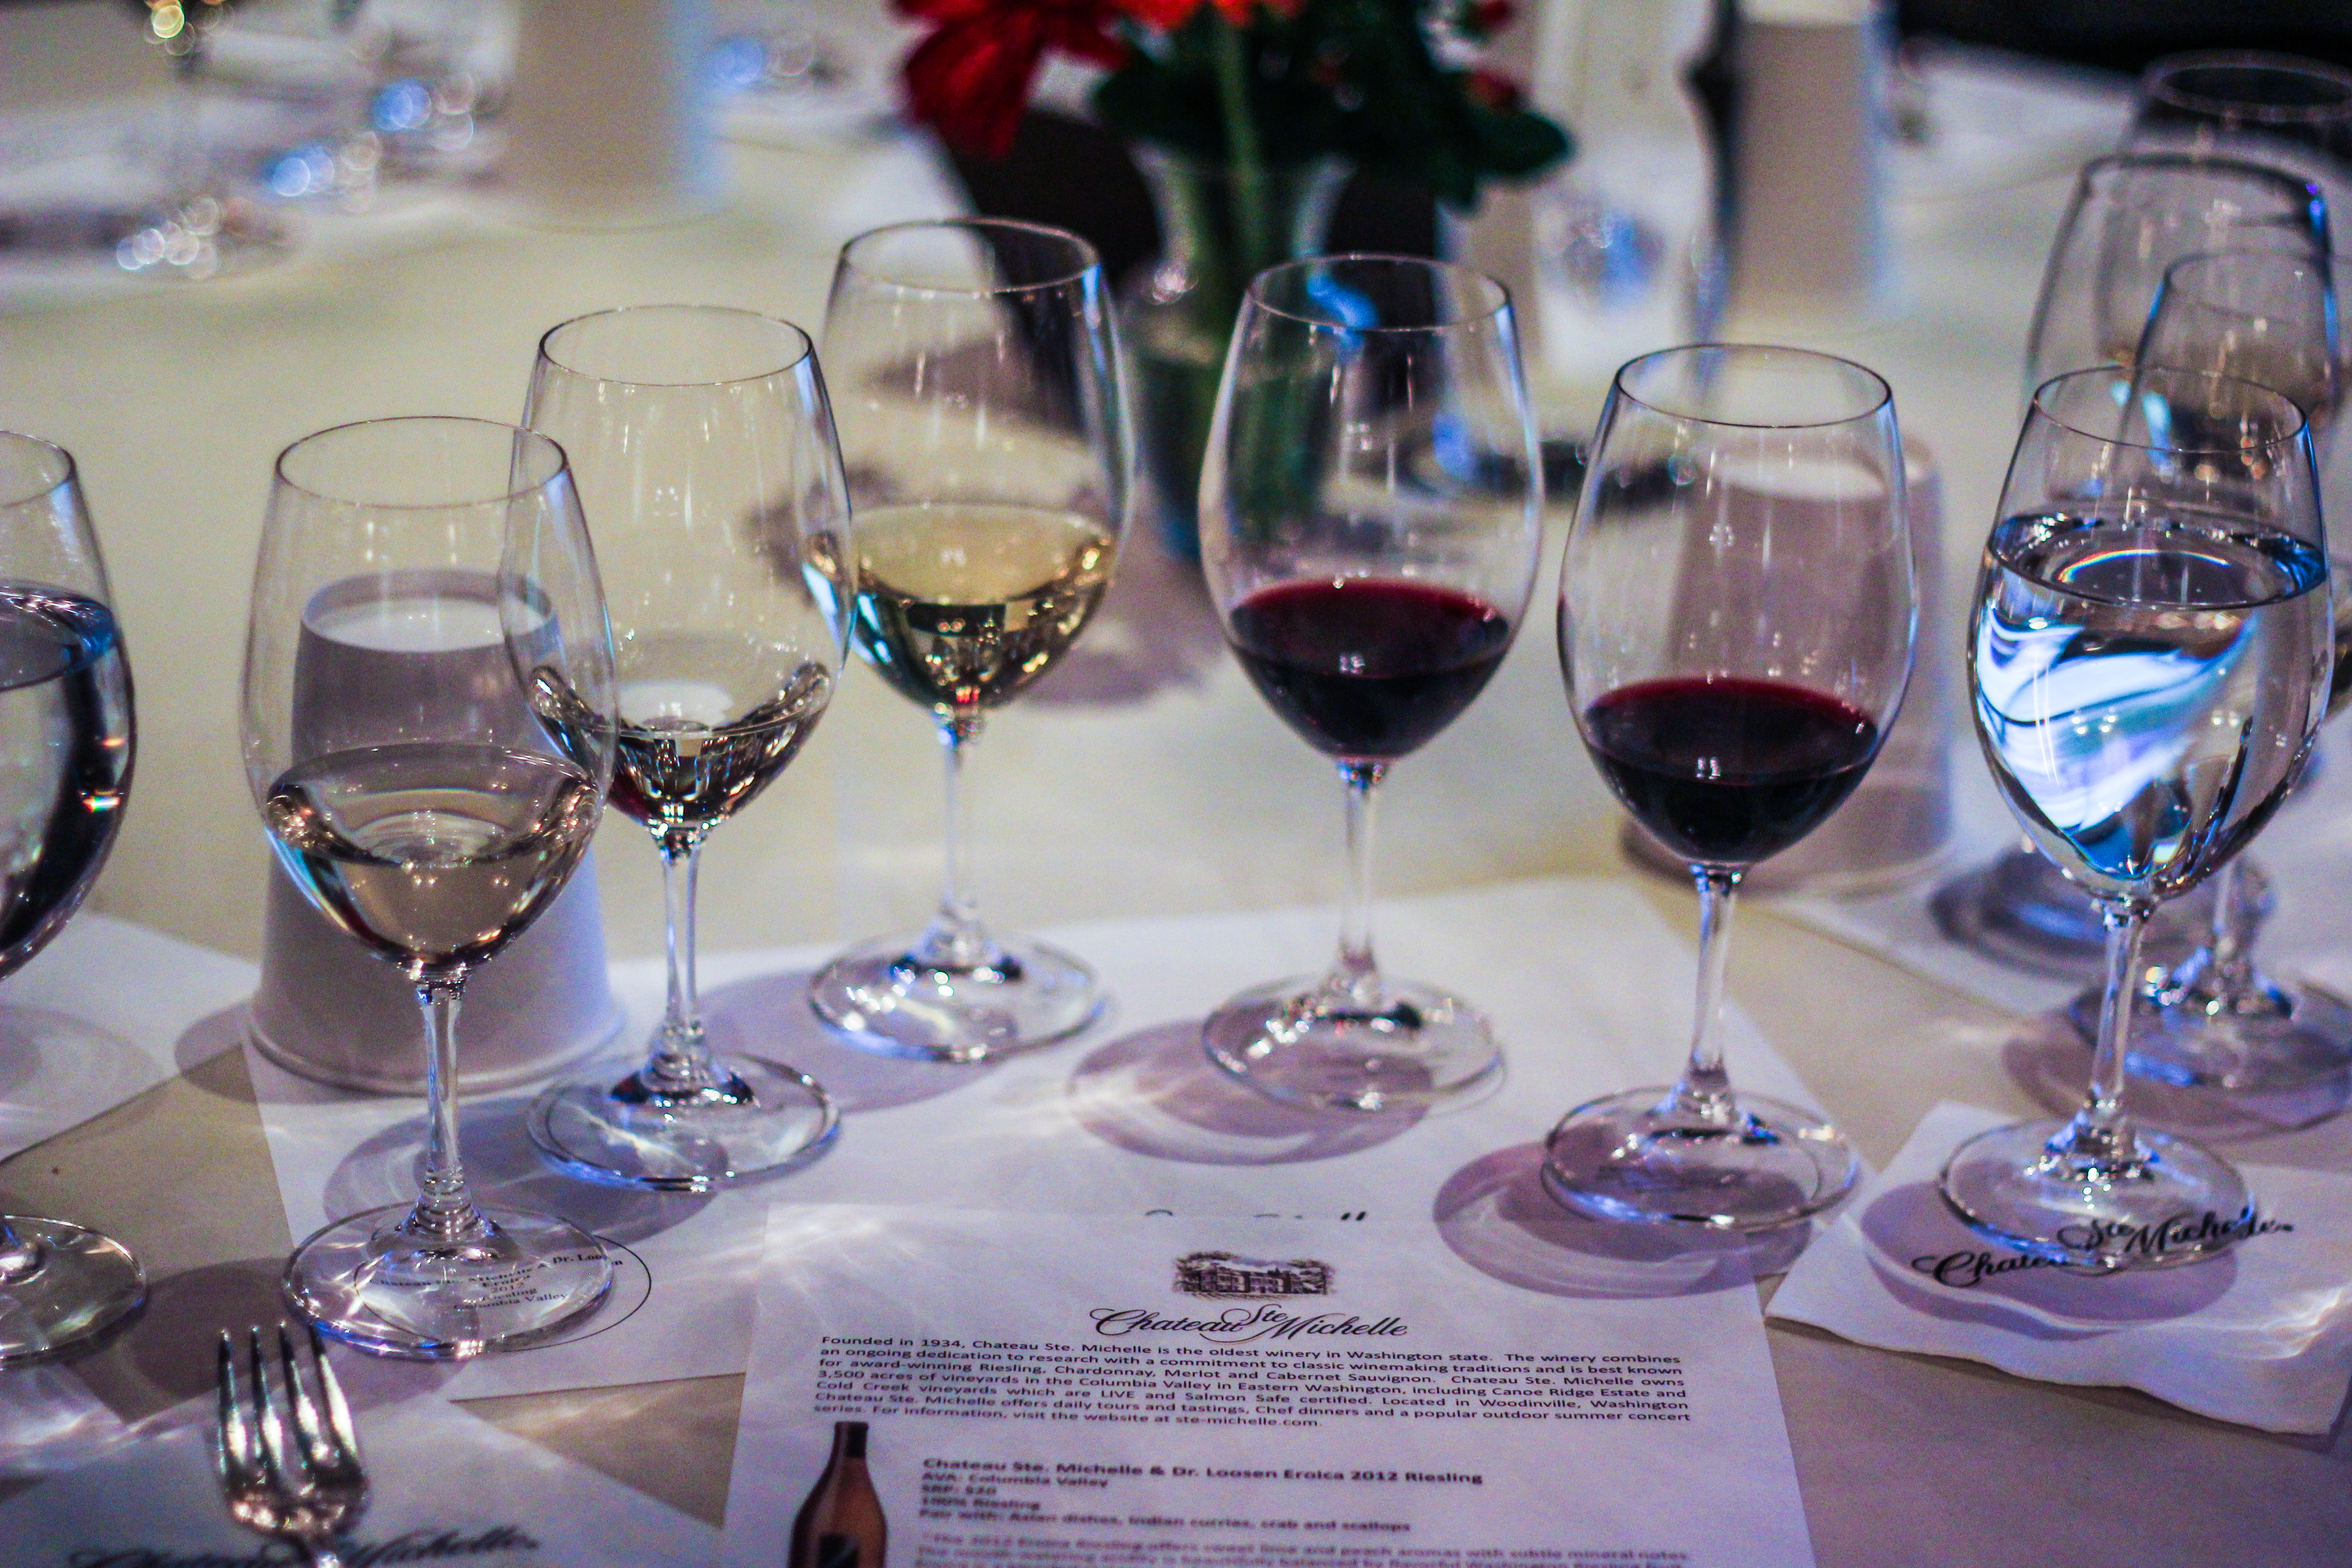 Wine Tasting at Chateau Ste Michelle - IFBC 2013